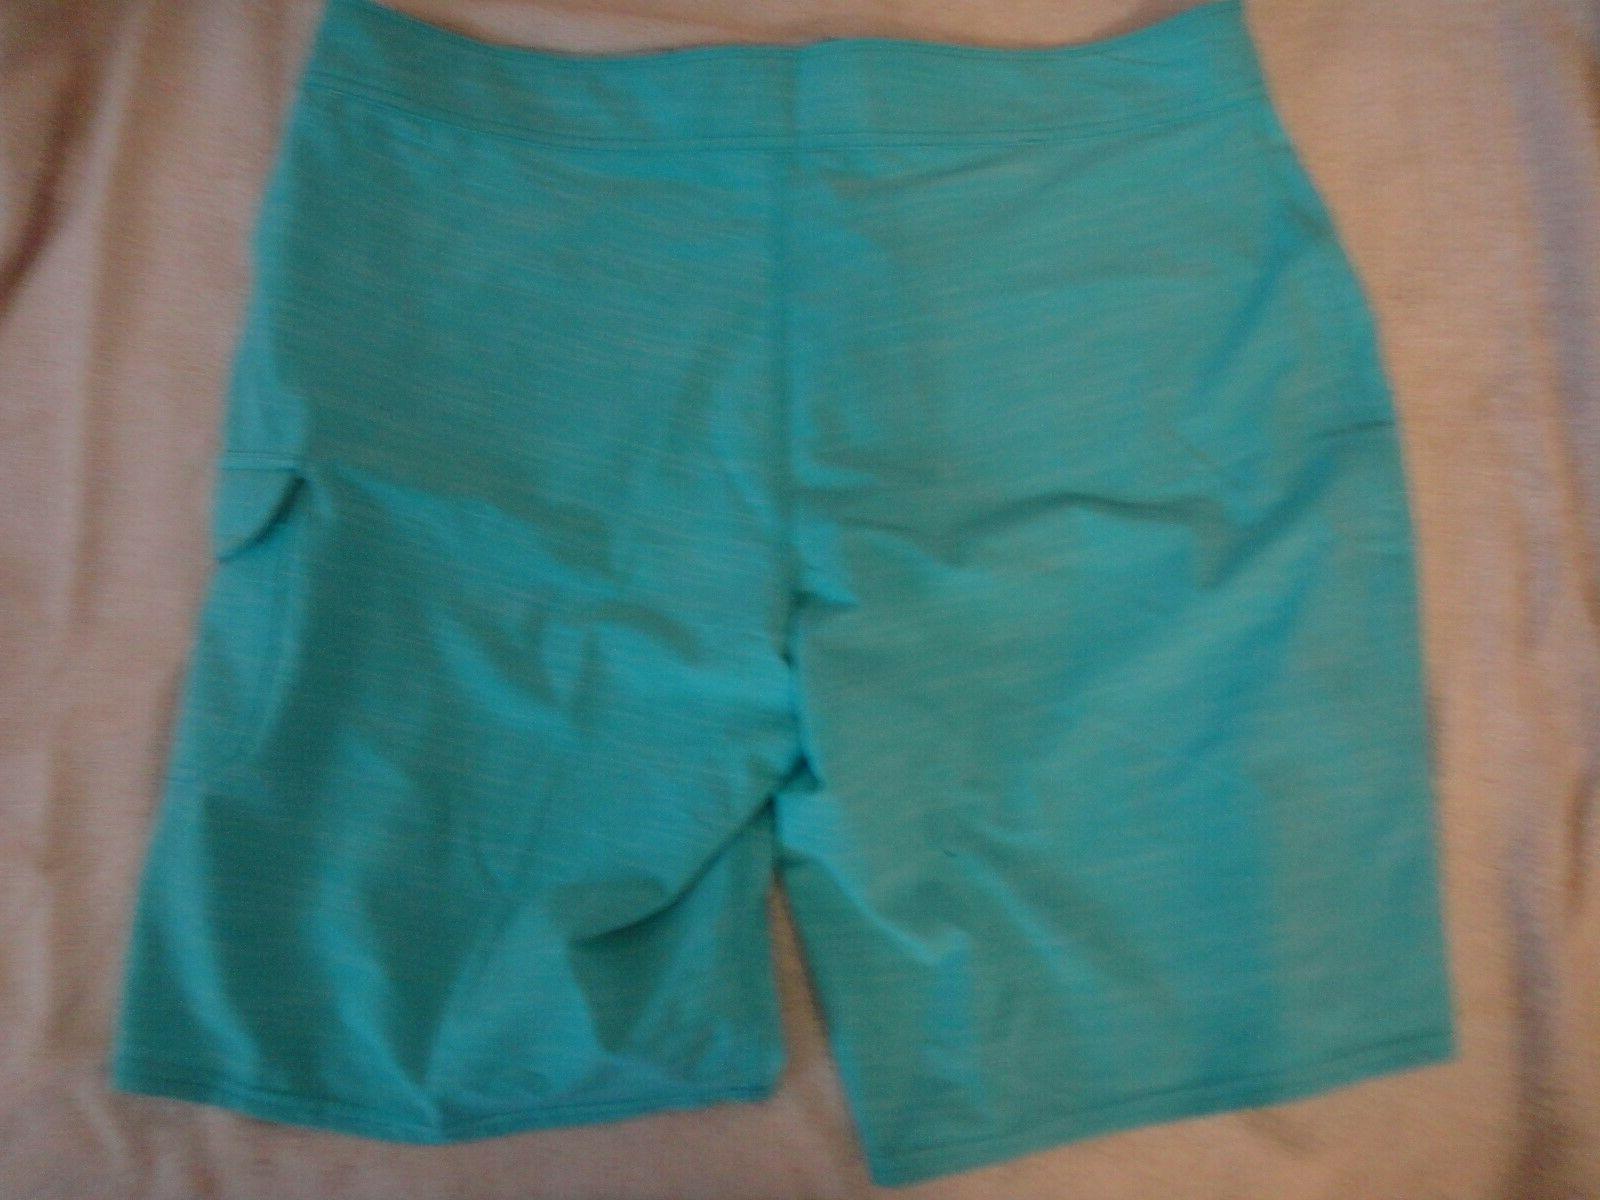 Billabong Day shorts NWOT Aqua Color